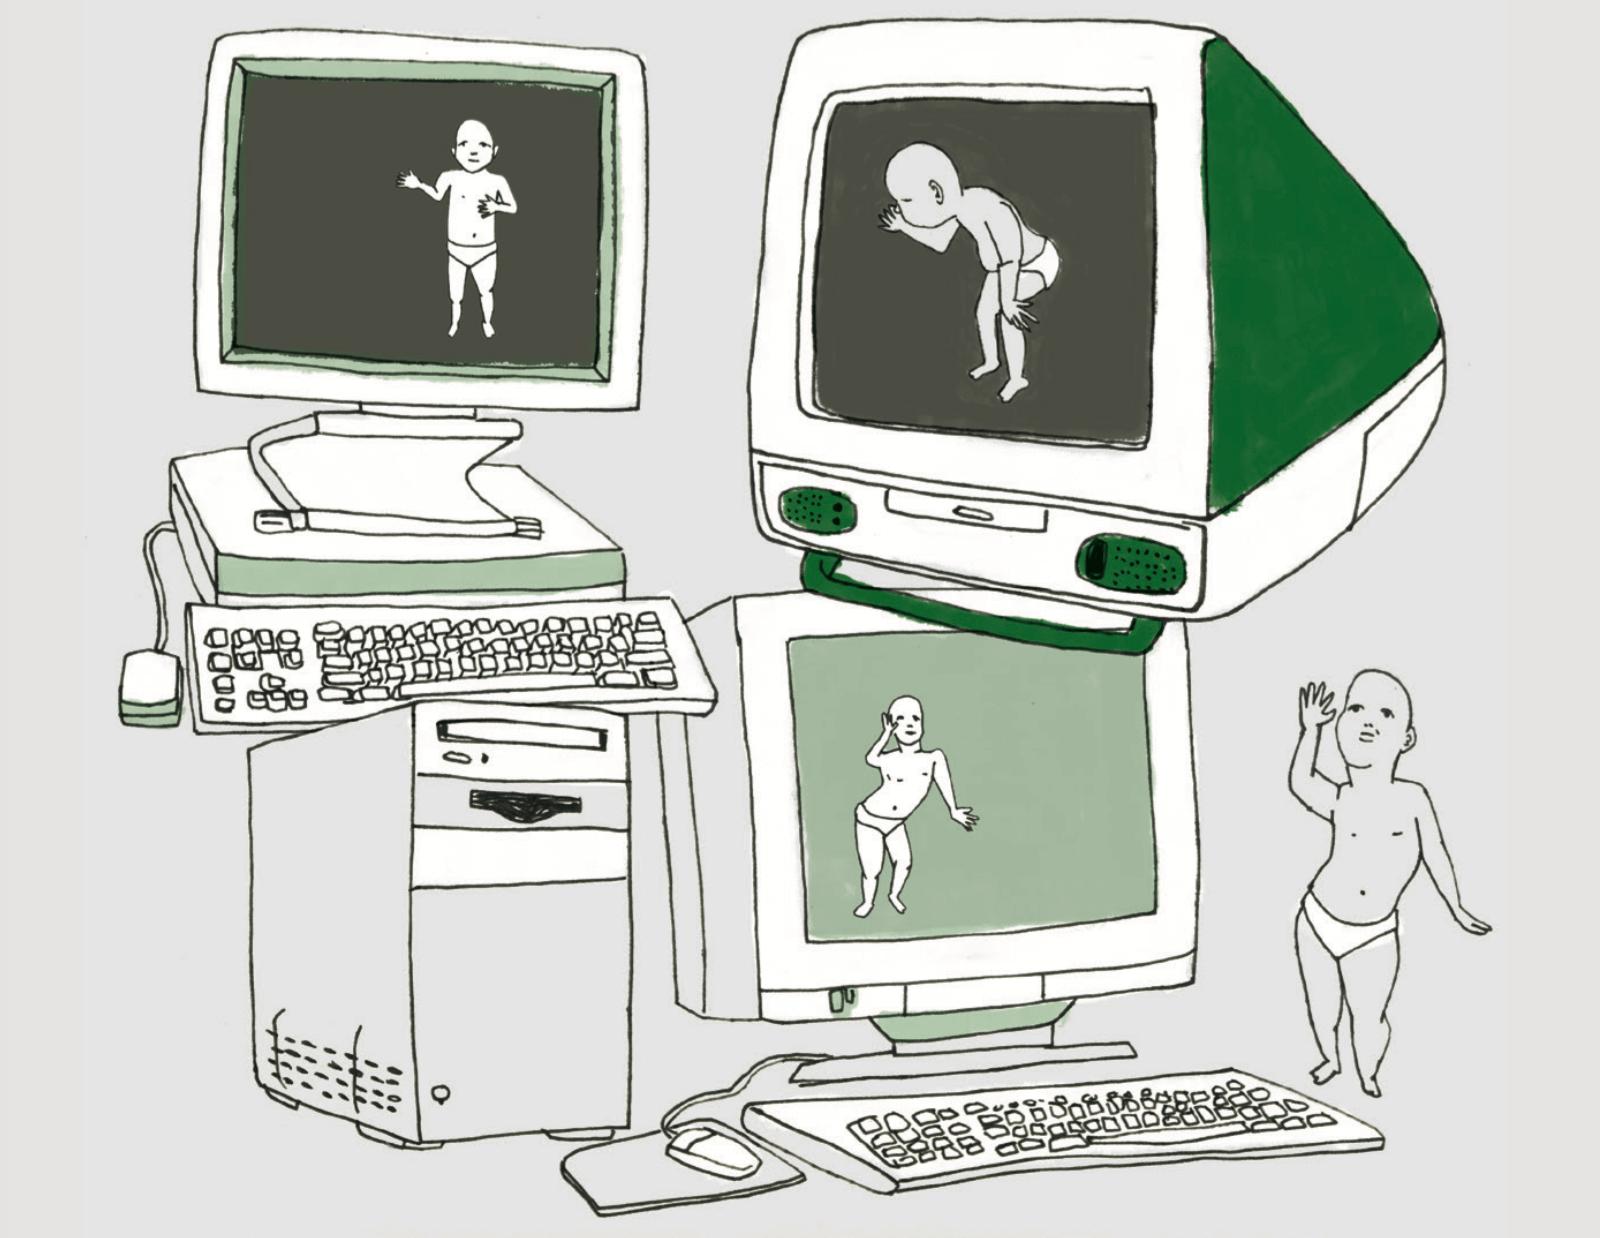 אני יצרתי את ה'מם' הדיגיטלי הראשון - טכנולוגיה - מדע פלוס